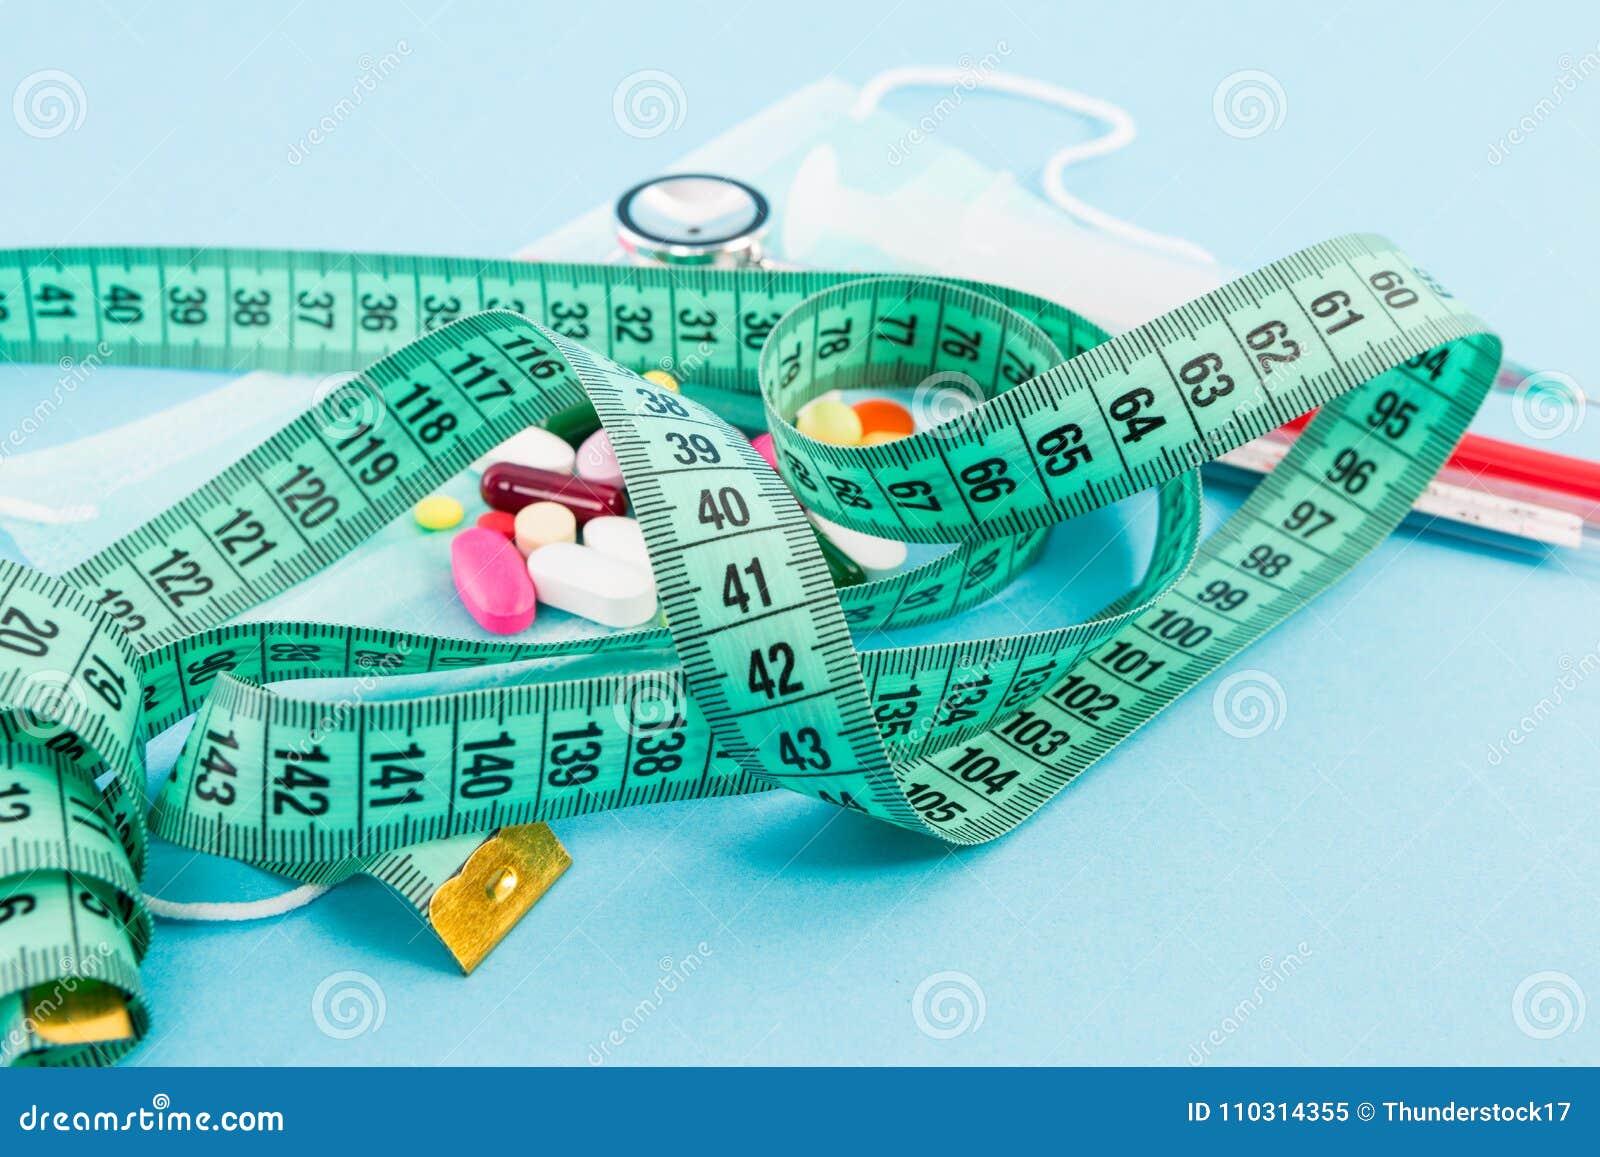 Le concept de régime et suivant un régime de centimètre attachent du ruban adhésif et des pilules